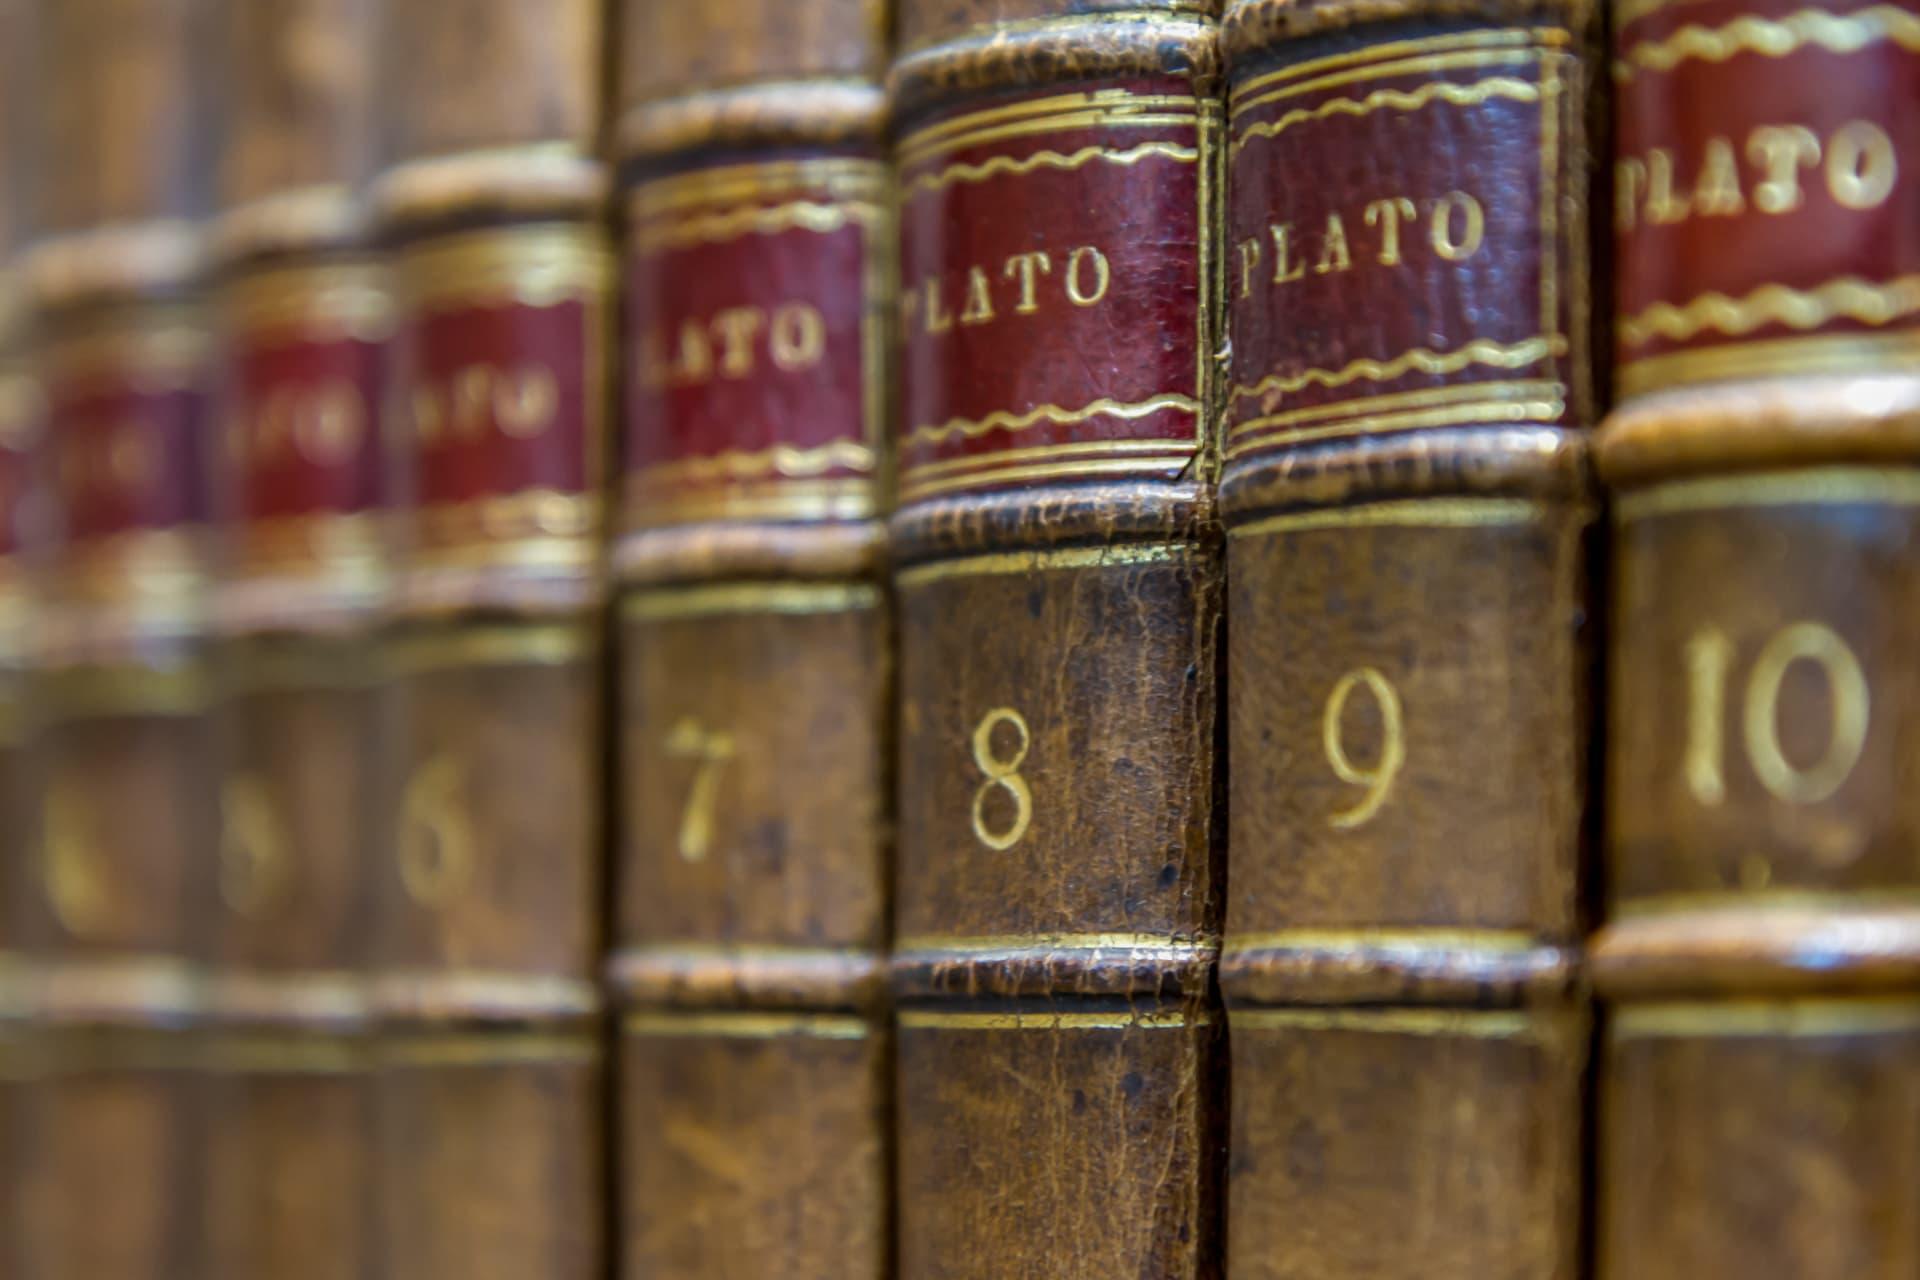 Manhattan Kansas - Plato's Republic 2: Three Shocking Proposals